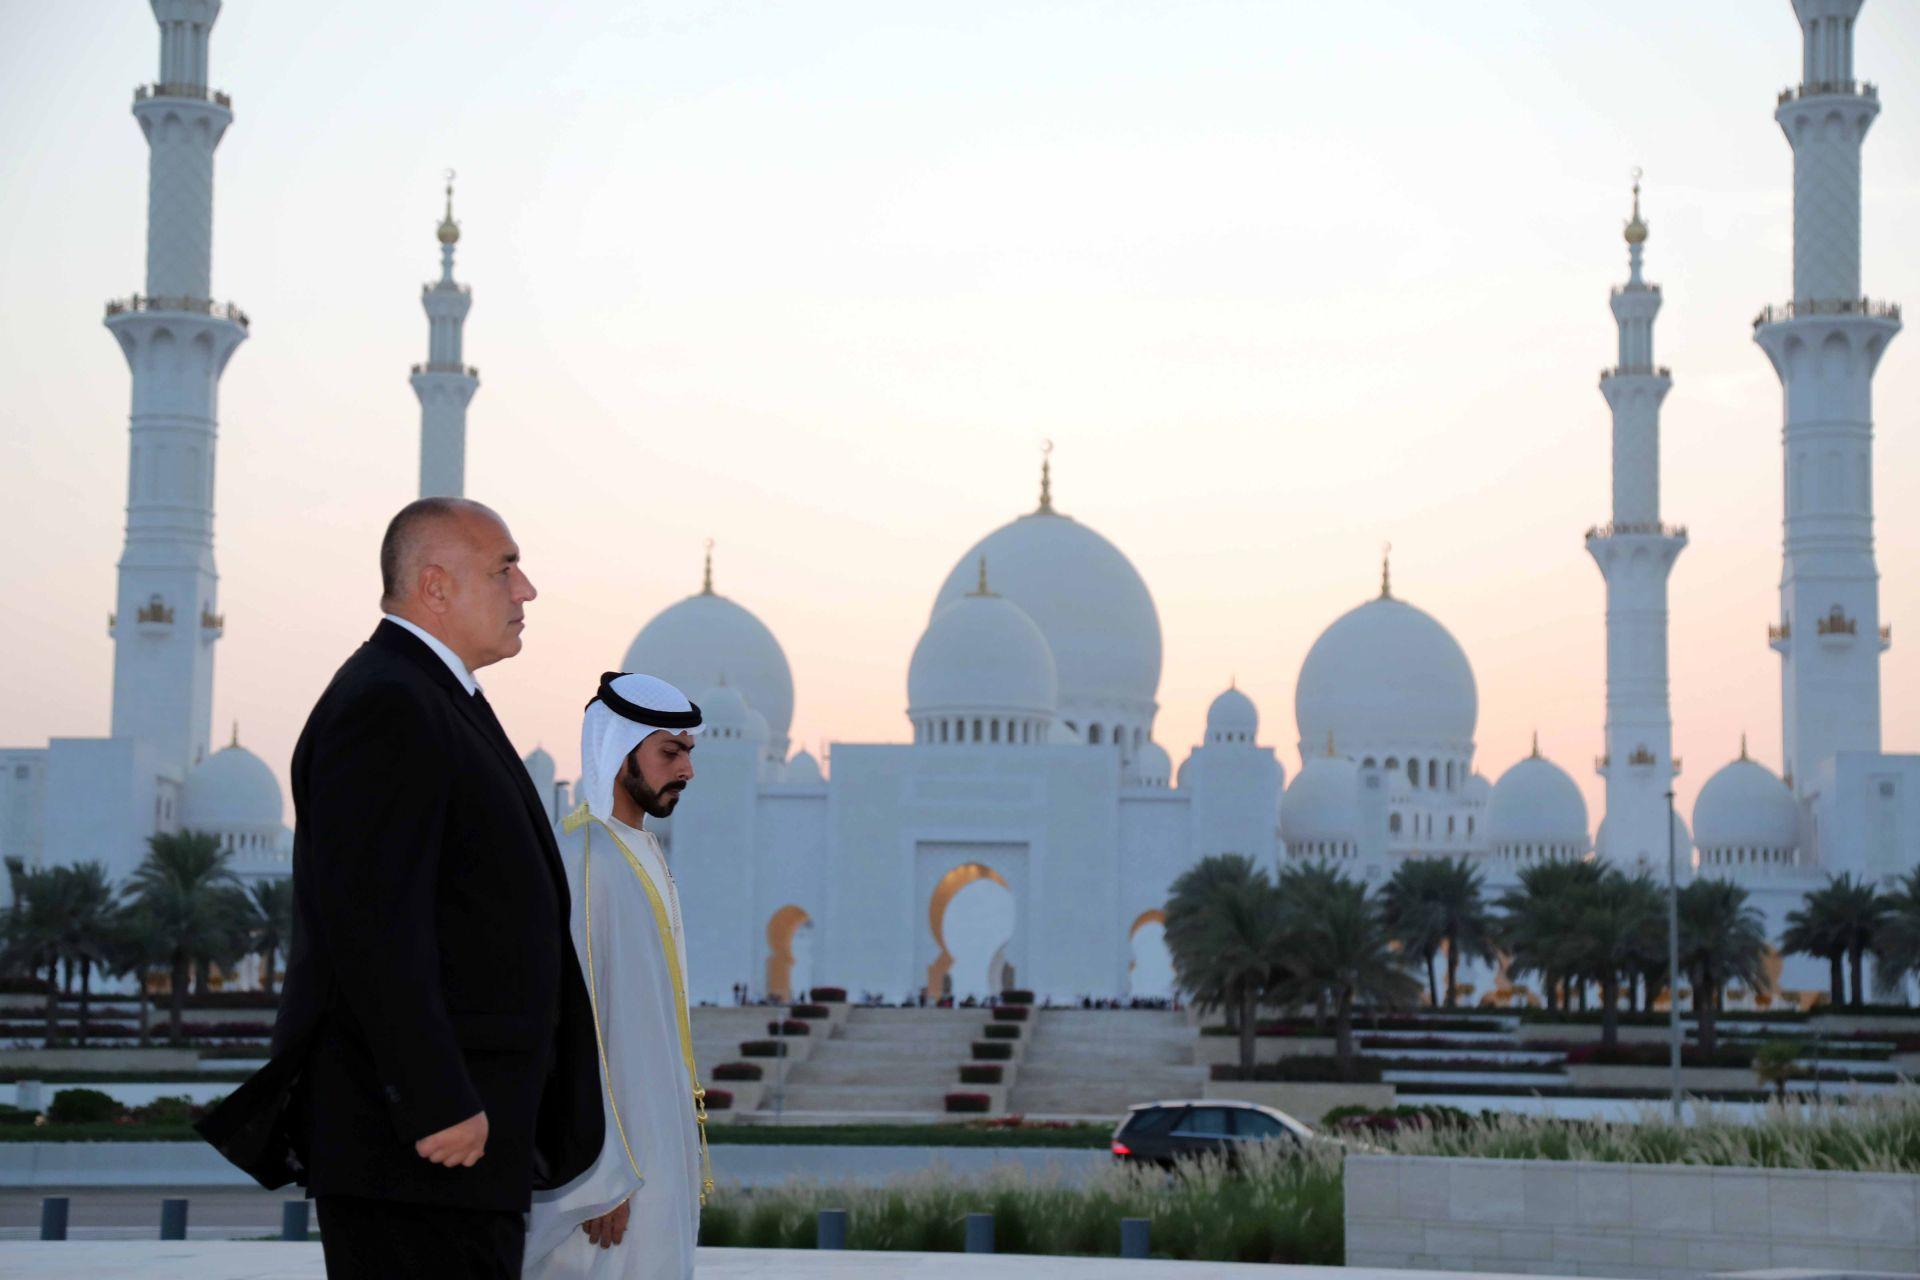 """Бойко Борисов посети паметника """"Зайед"""" - монументална, триизмерна творба, която е открита в началото на тази година по случай 100 години от рождението на шейх Зайед бин Султан Ал-Нахаян"""